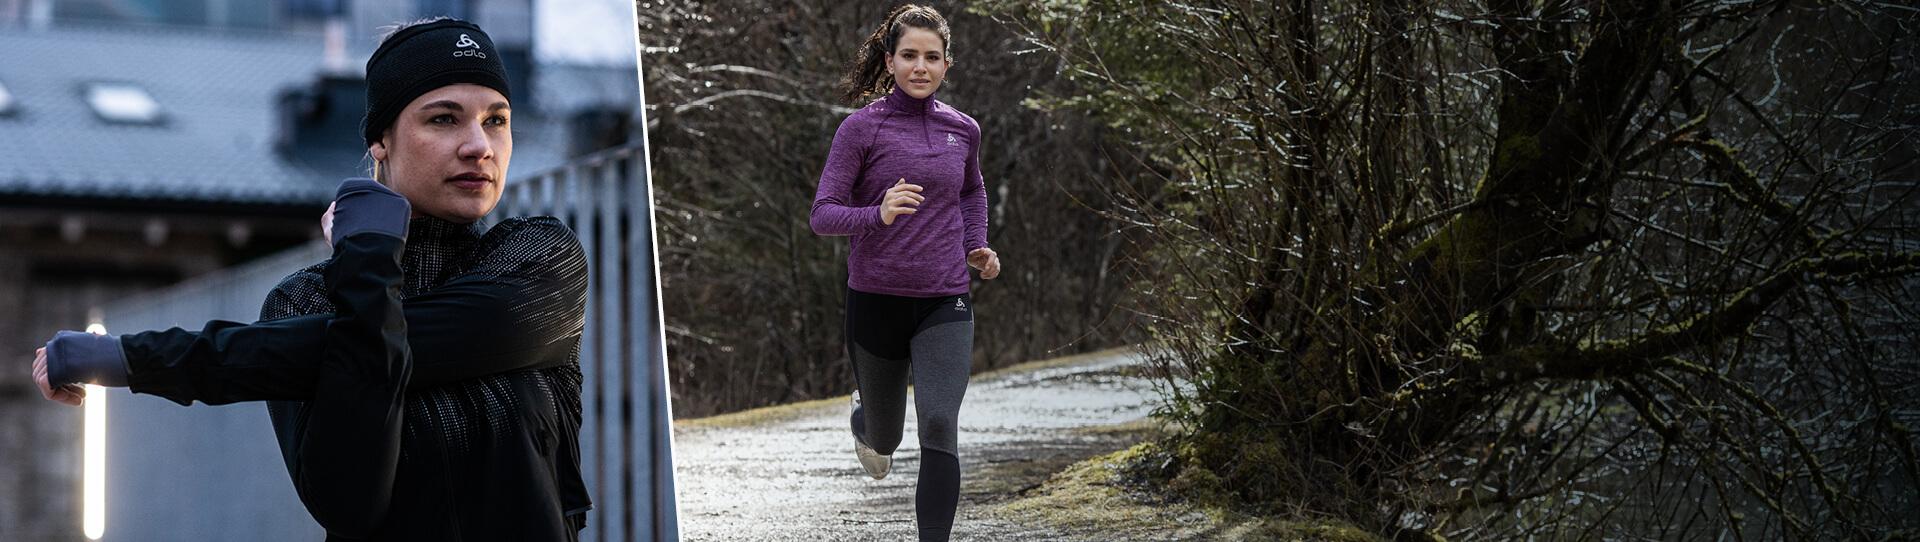 Women running collection Fall winter 2020